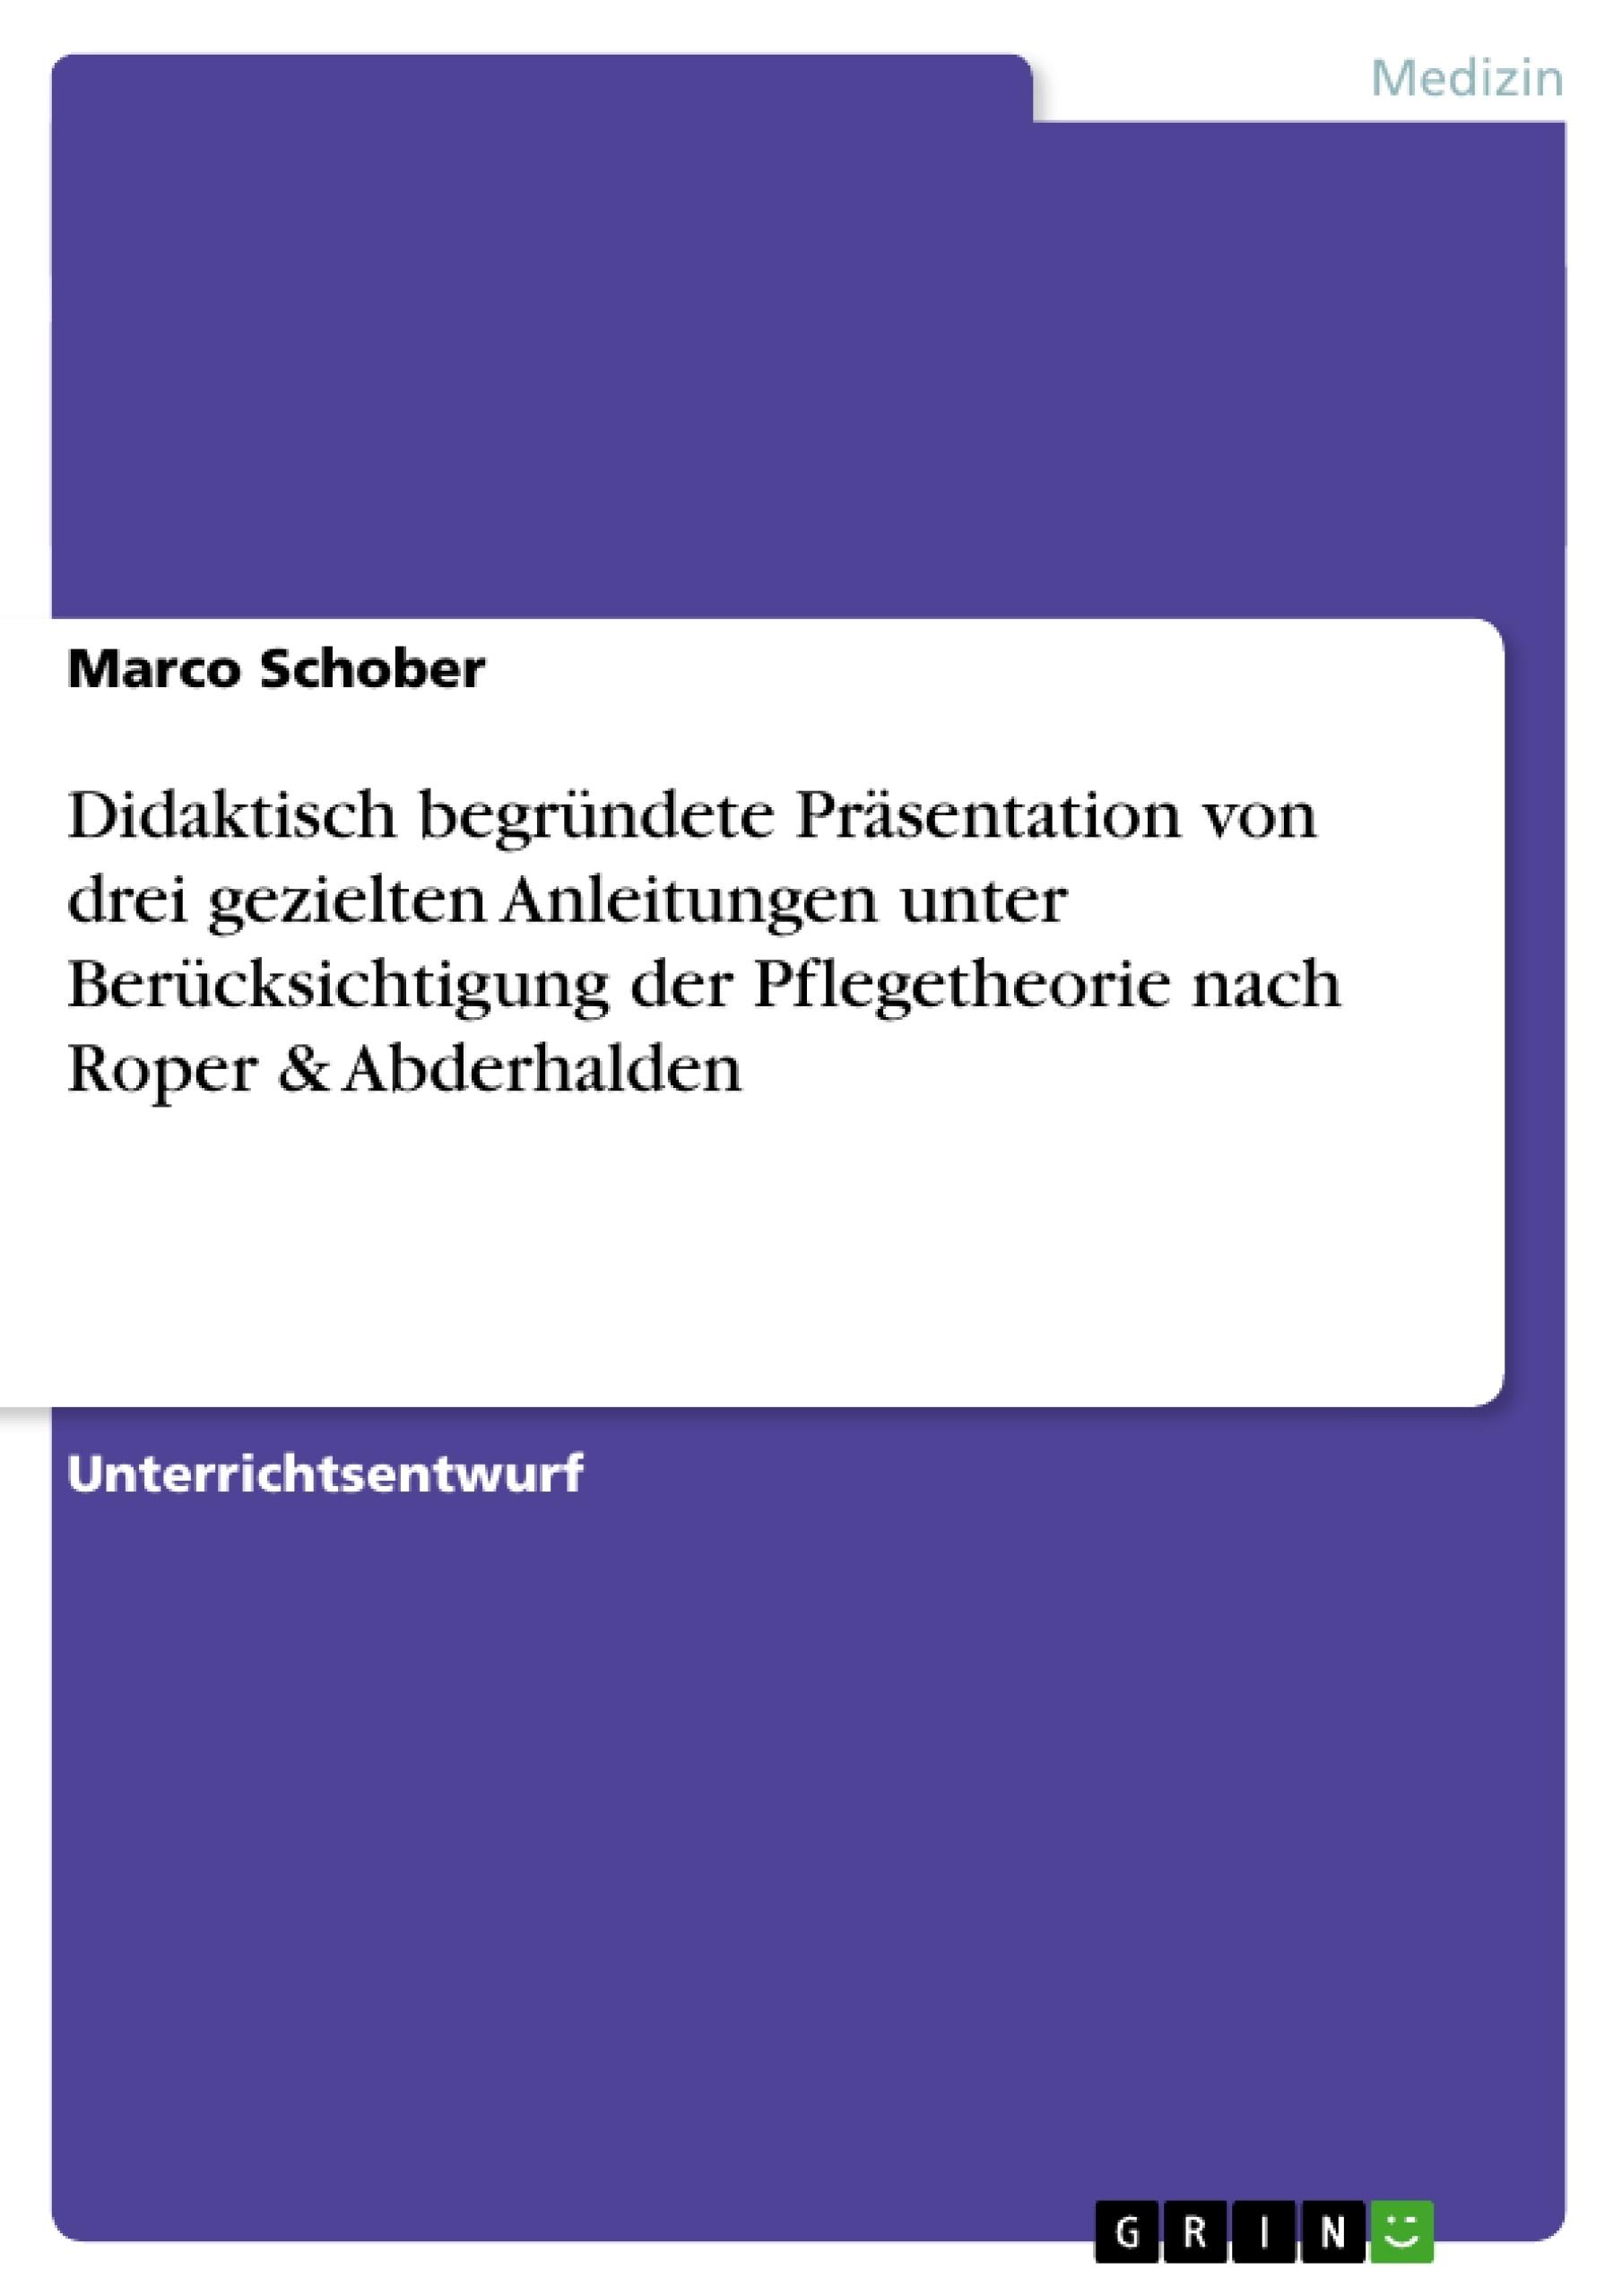 Titel: Didaktisch begründete Präsentation von drei gezielten Anleitungen unter Berücksichtigung der Pflegetheorie nach Roper & Abderhalden